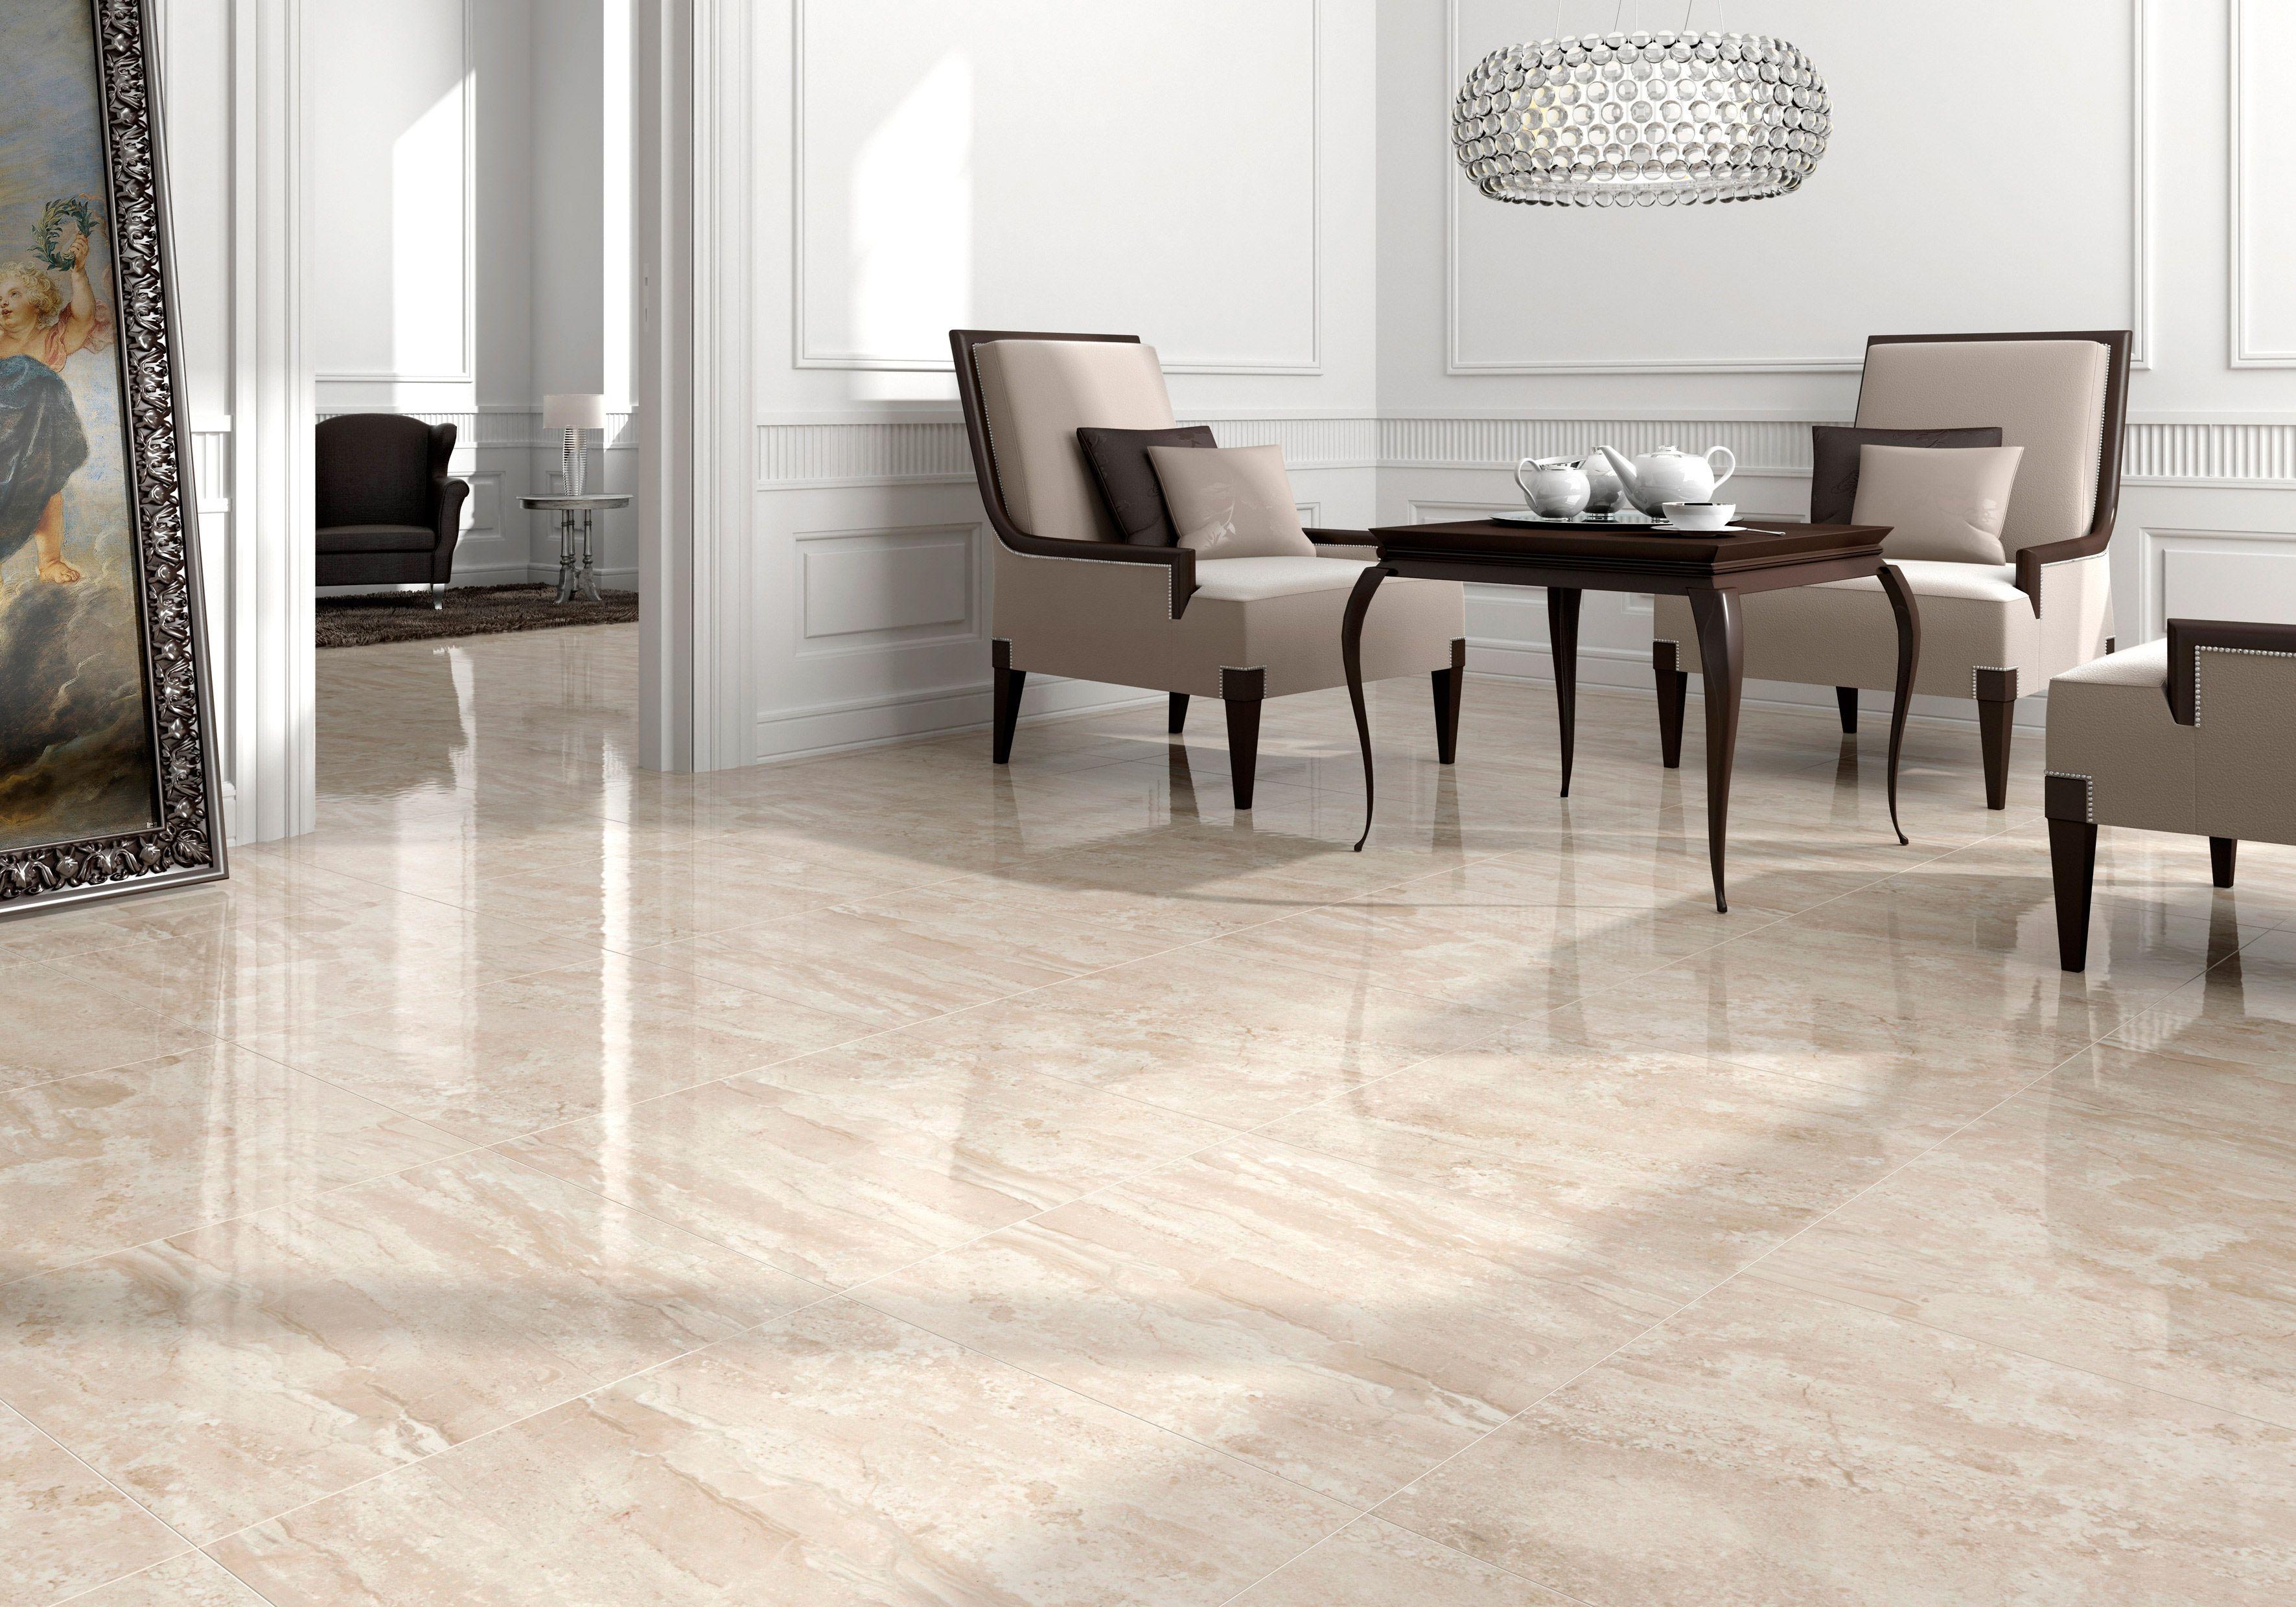 soft porcelain porcelin tile floor ctm x category matt at tiles glazed styles floors white